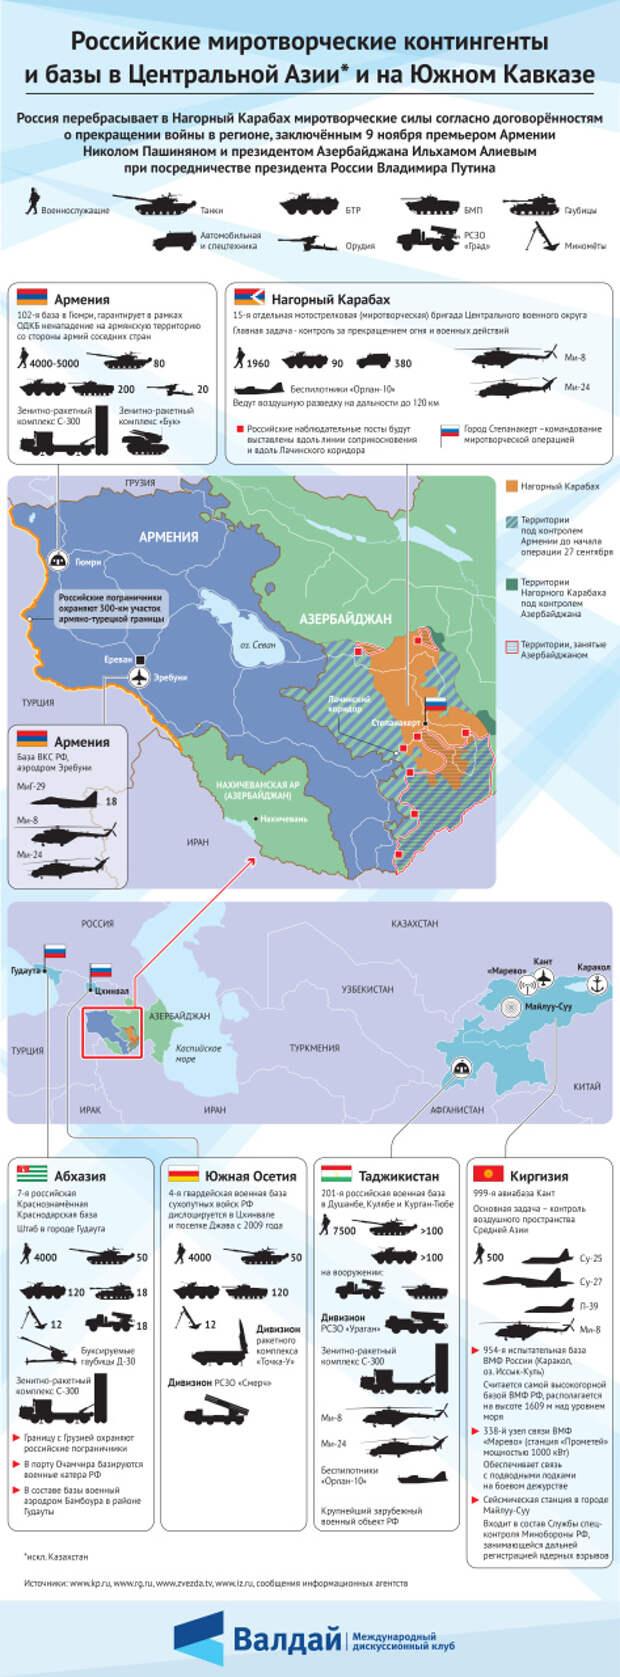 Российские миротворческие контингенты и базы в Средней Азии и на Южном Кавказе